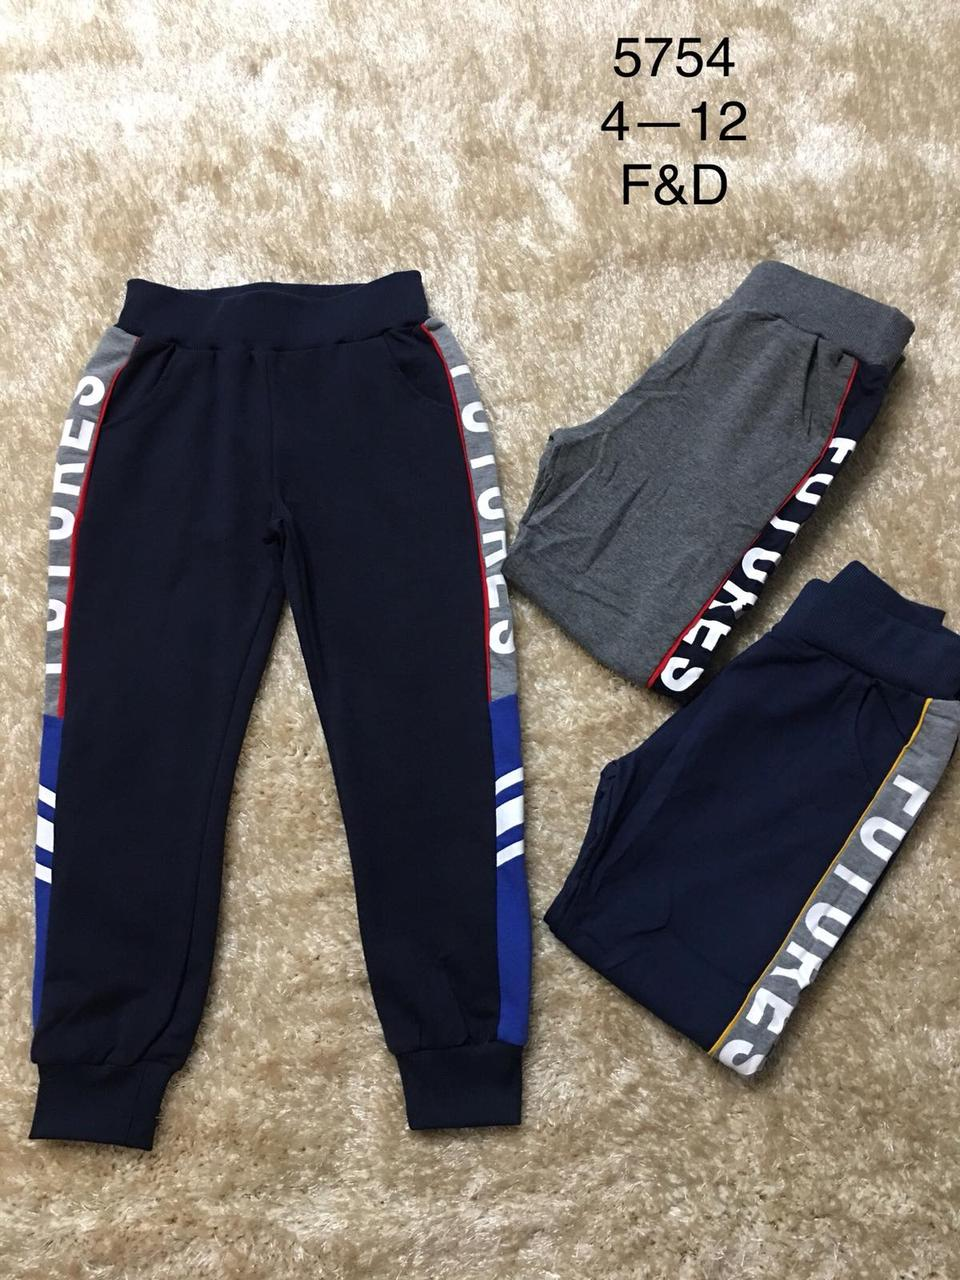 Спортивные брюки для мальчика оптом, Buddy Boy, 4-12 рр., арт. 5754